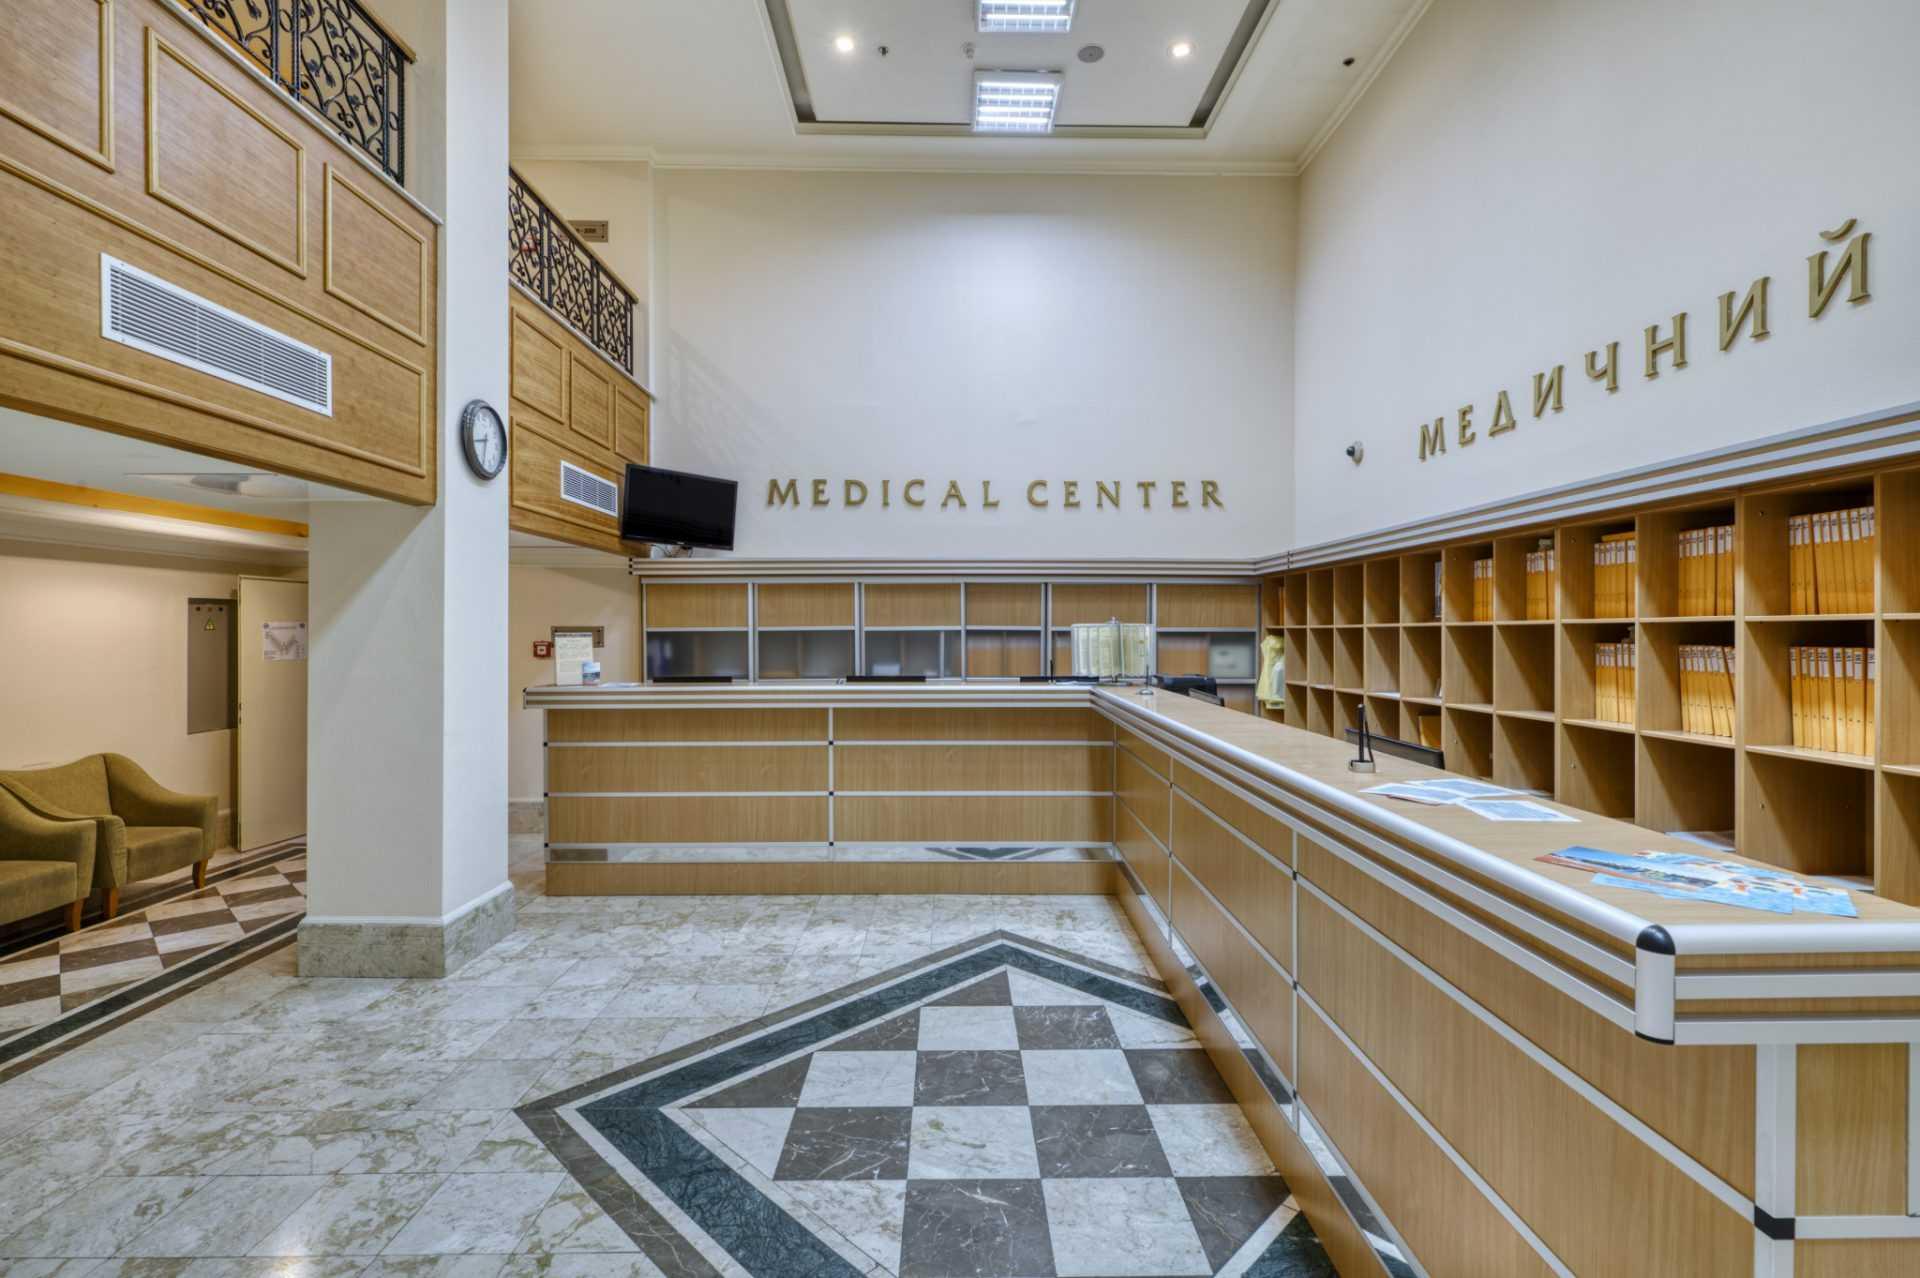 Медичний центр, Ріксос, Україна